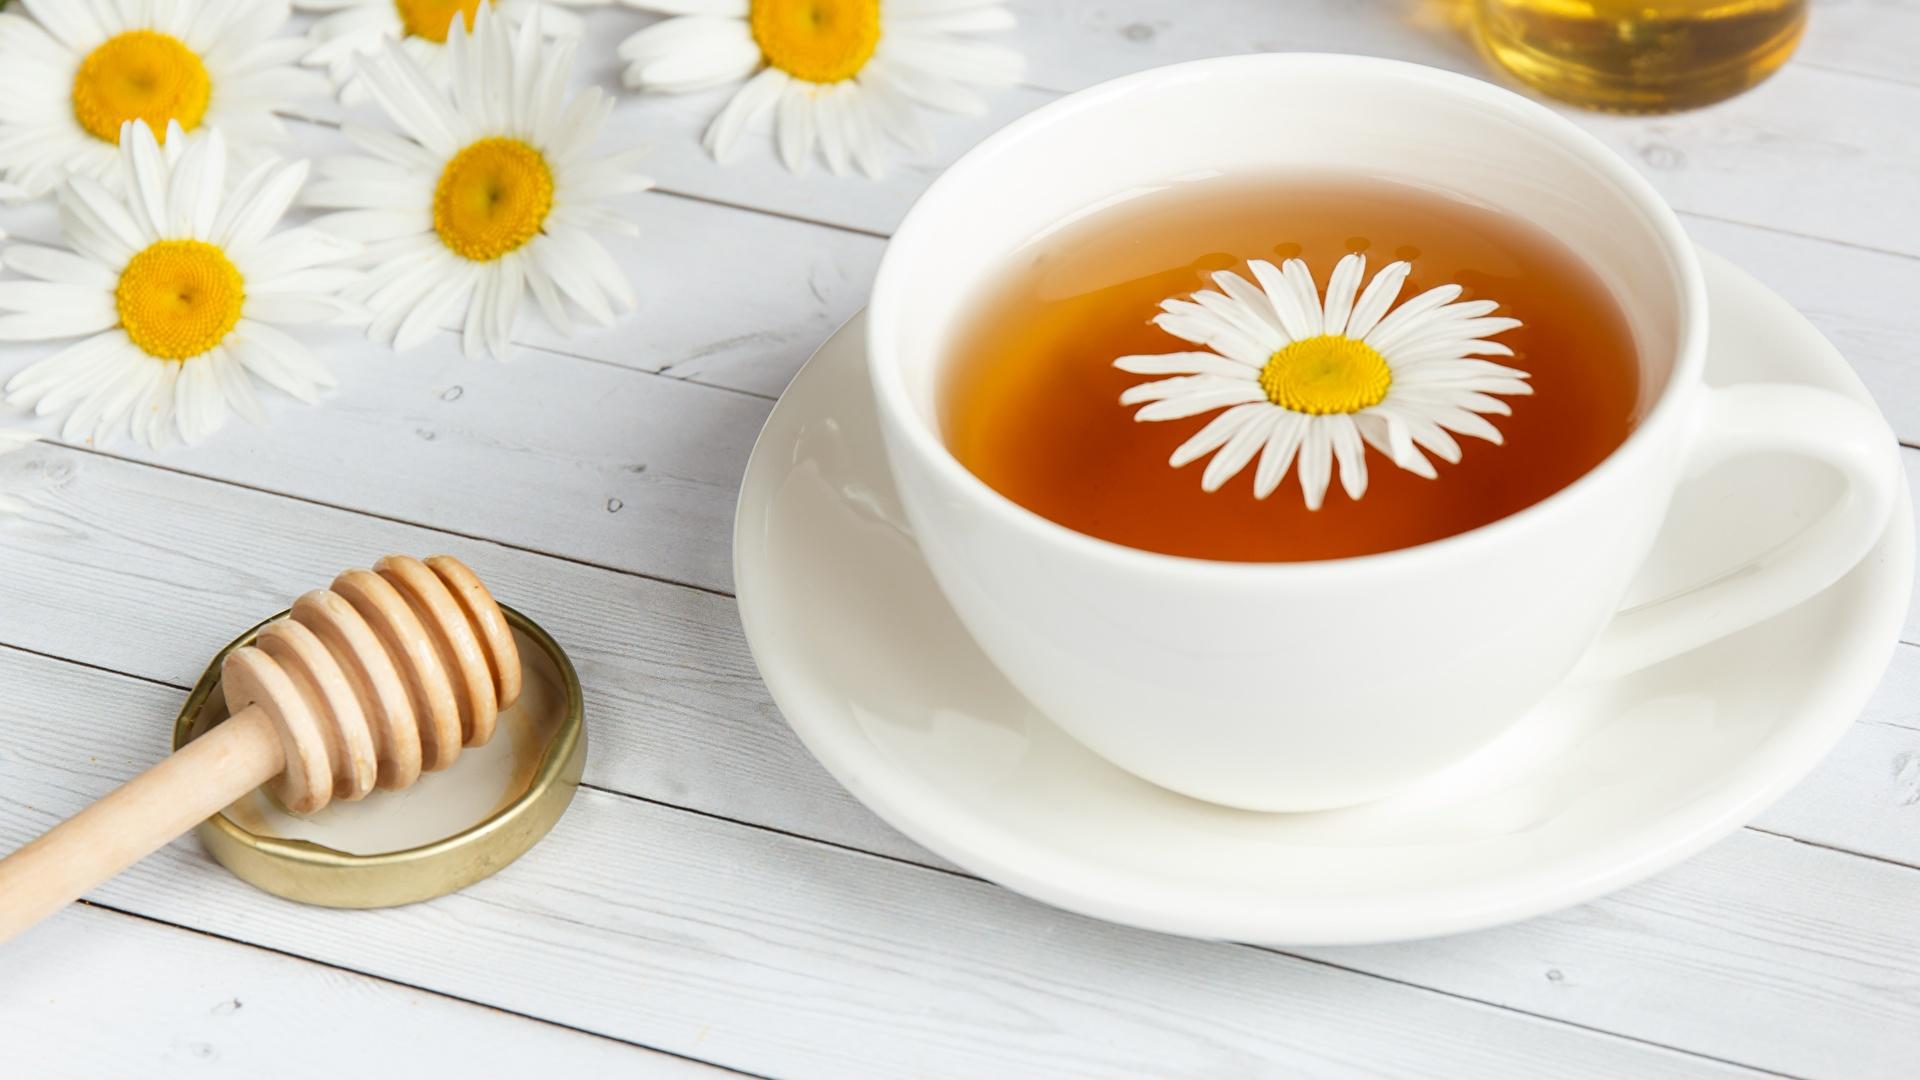 Фото Чай Ромашки чашке блюдца Продукты питания 1920x1080 ромашка Еда Пища Чашка Блюдце